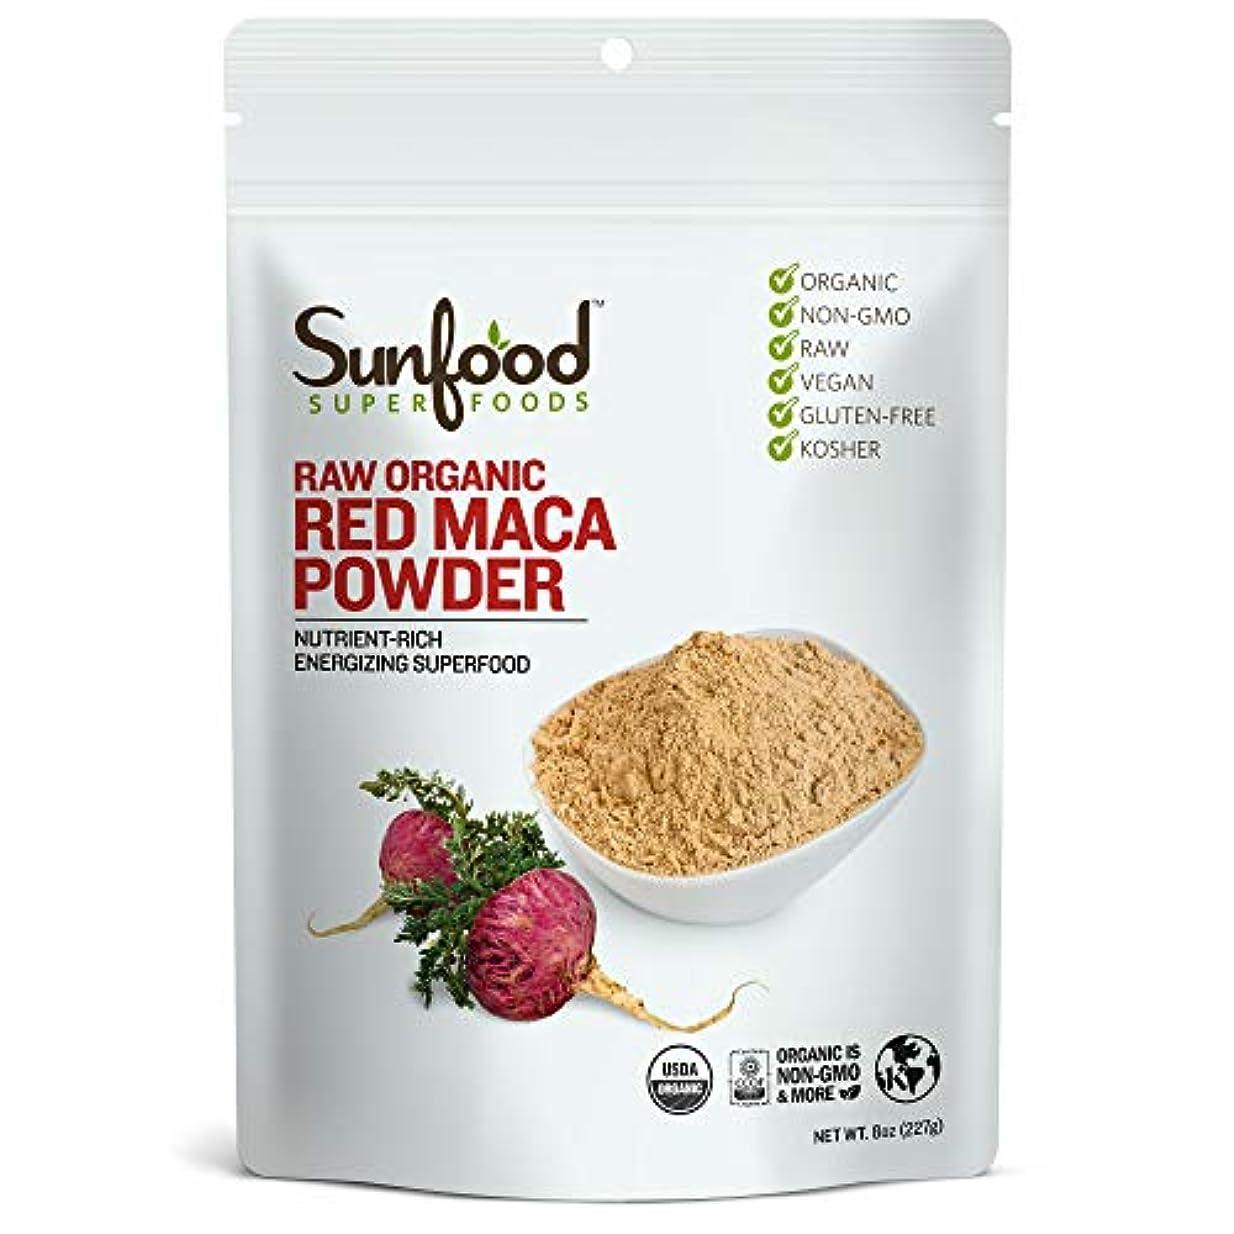 やろう結婚するペンスサンフードスーパーフーズ(Sunfood Superfoods) オーガニックレッドマカパウダー 227g 日本正規品